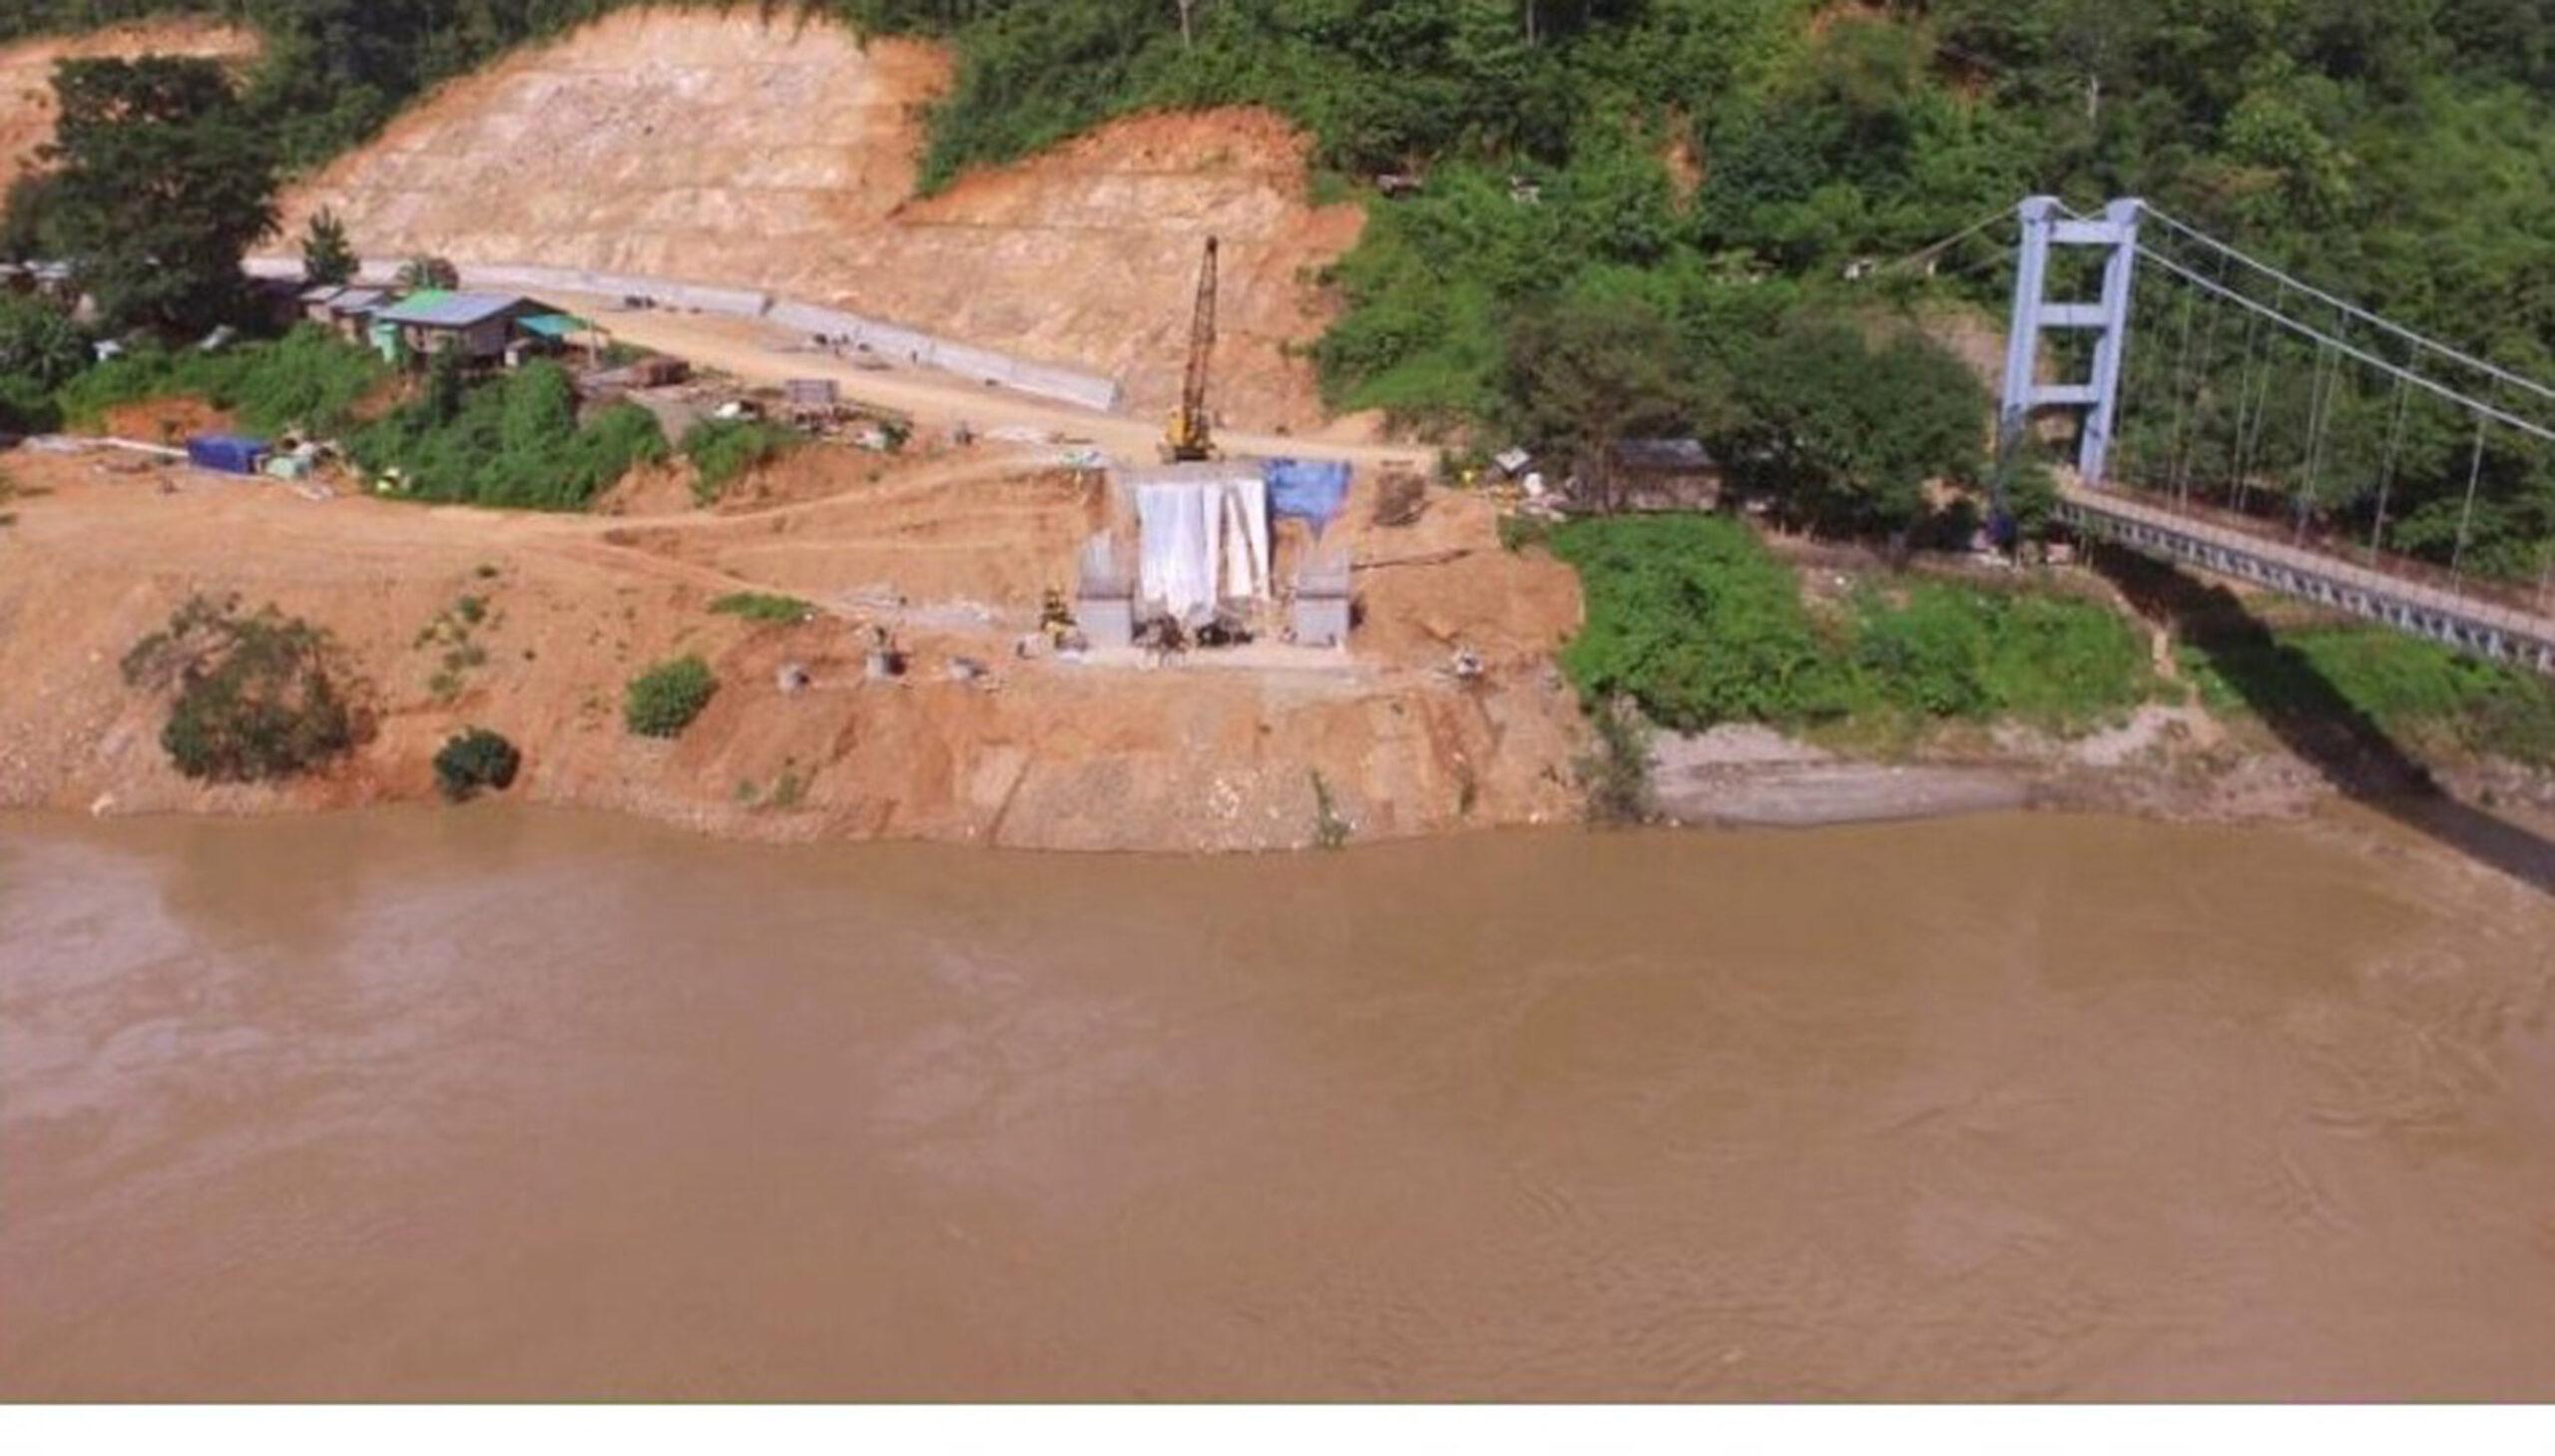 Tar Sann Bridge mk scaled